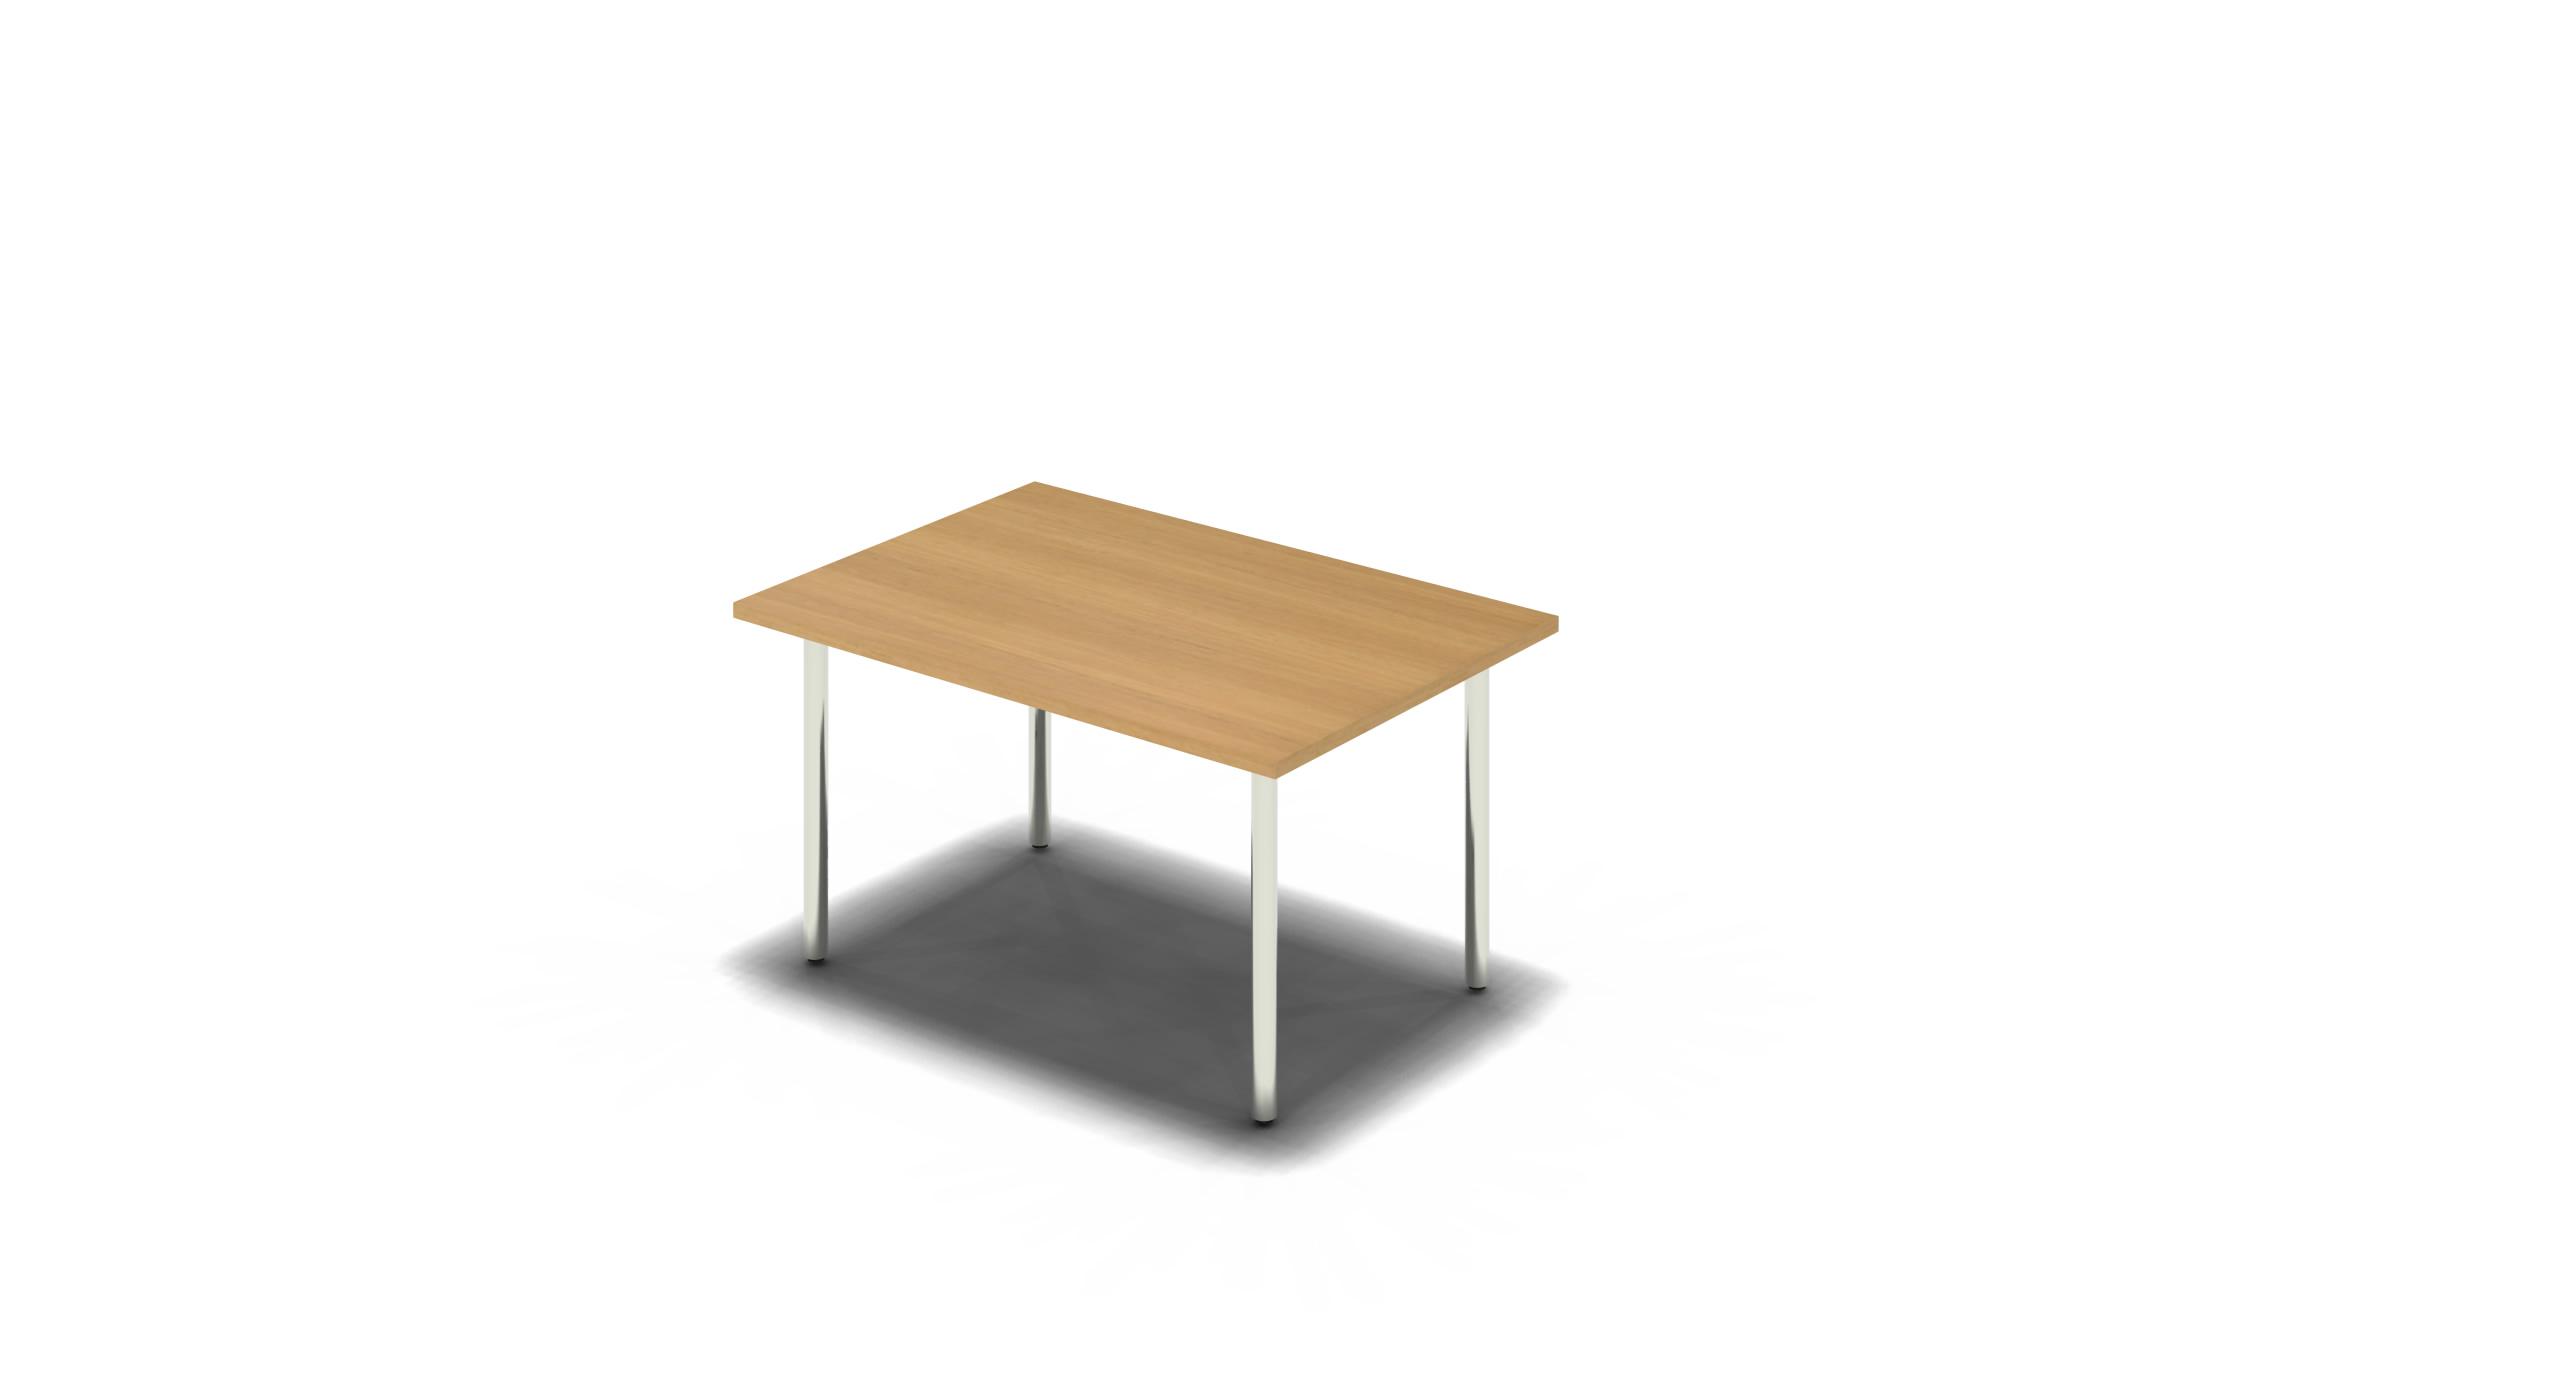 Table_Round_1200x800_Chrome_Oak_noOption